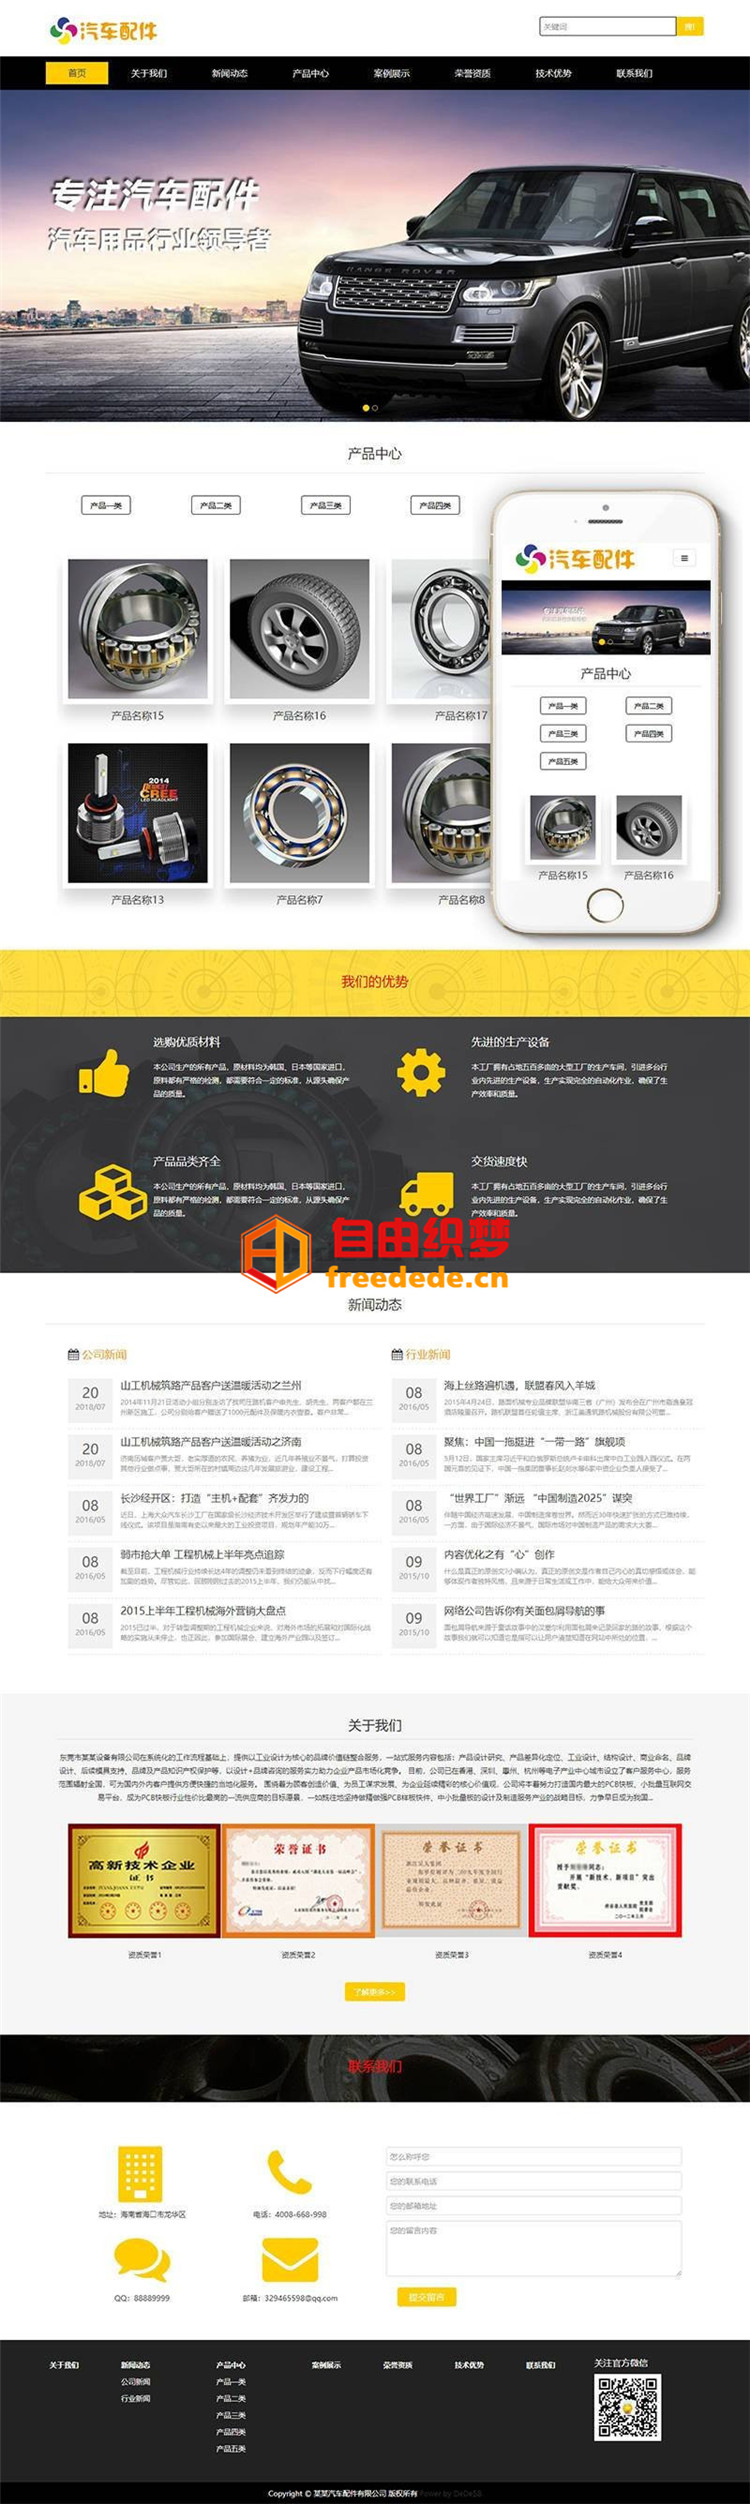 爱上源码网文章响应式汽车配件类网站织梦模板(自适应手机端)营销型网站模板的内容插图